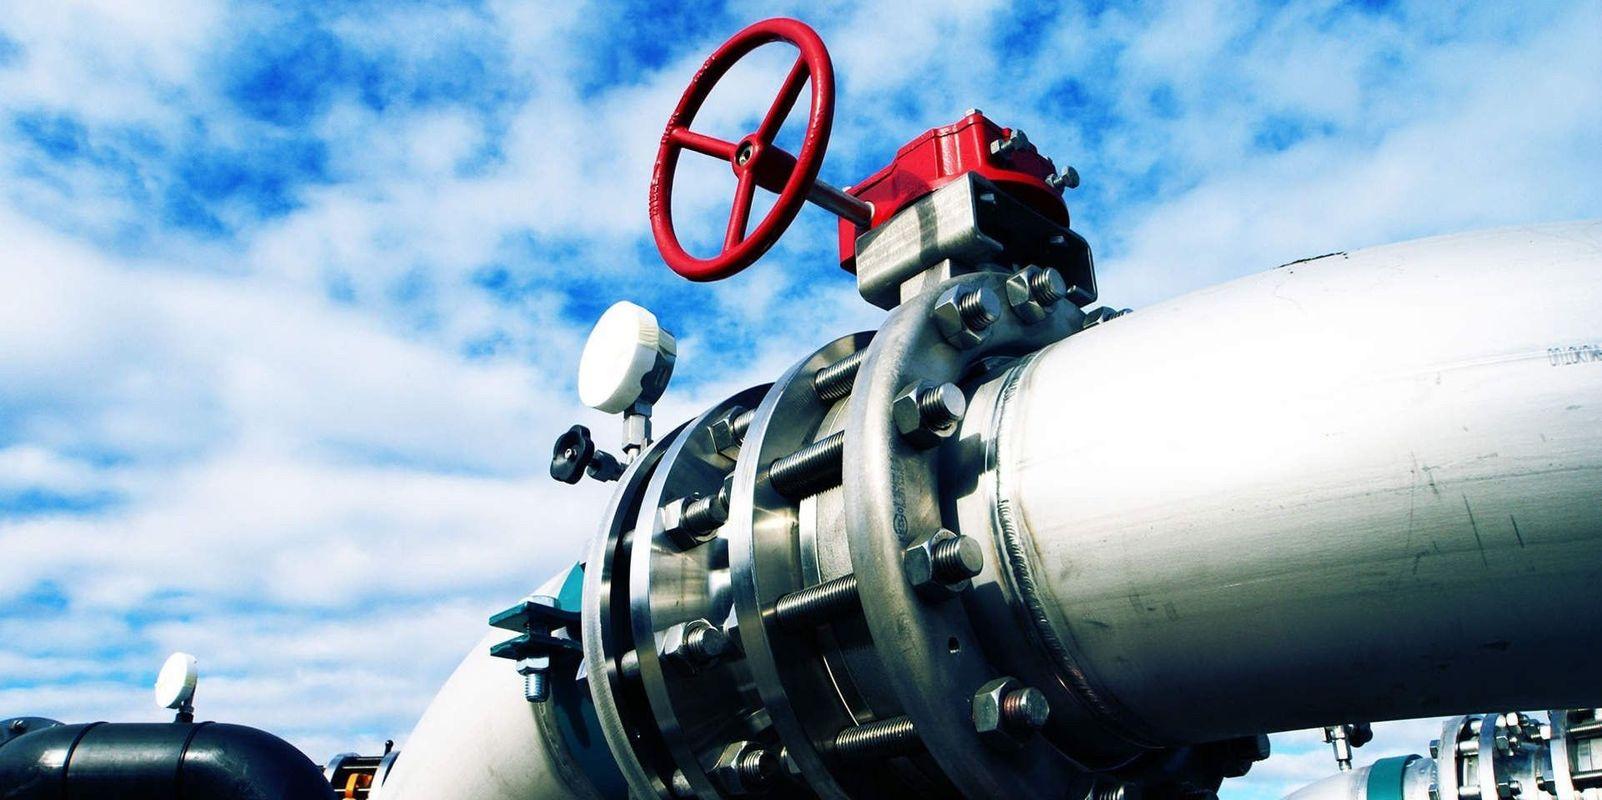 Президенты Туркменистана и Пакистана обсудили дальнейшие планы по строительству газопровода ТАПИ